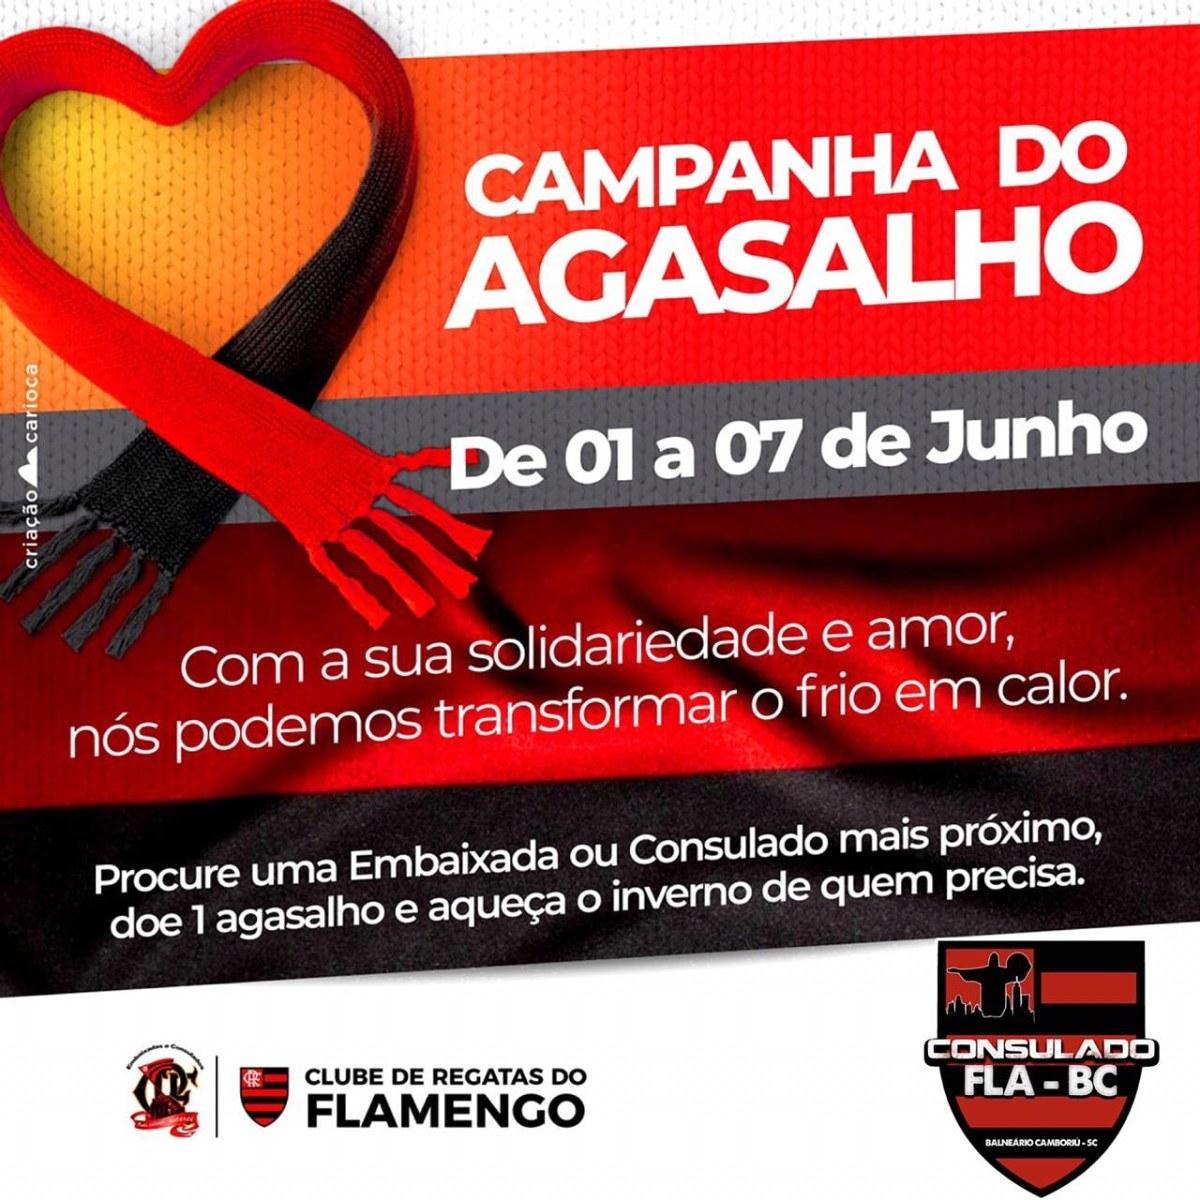 Consulado do Flamengo em Balneário Camboriú organiza ação de inverno solidário